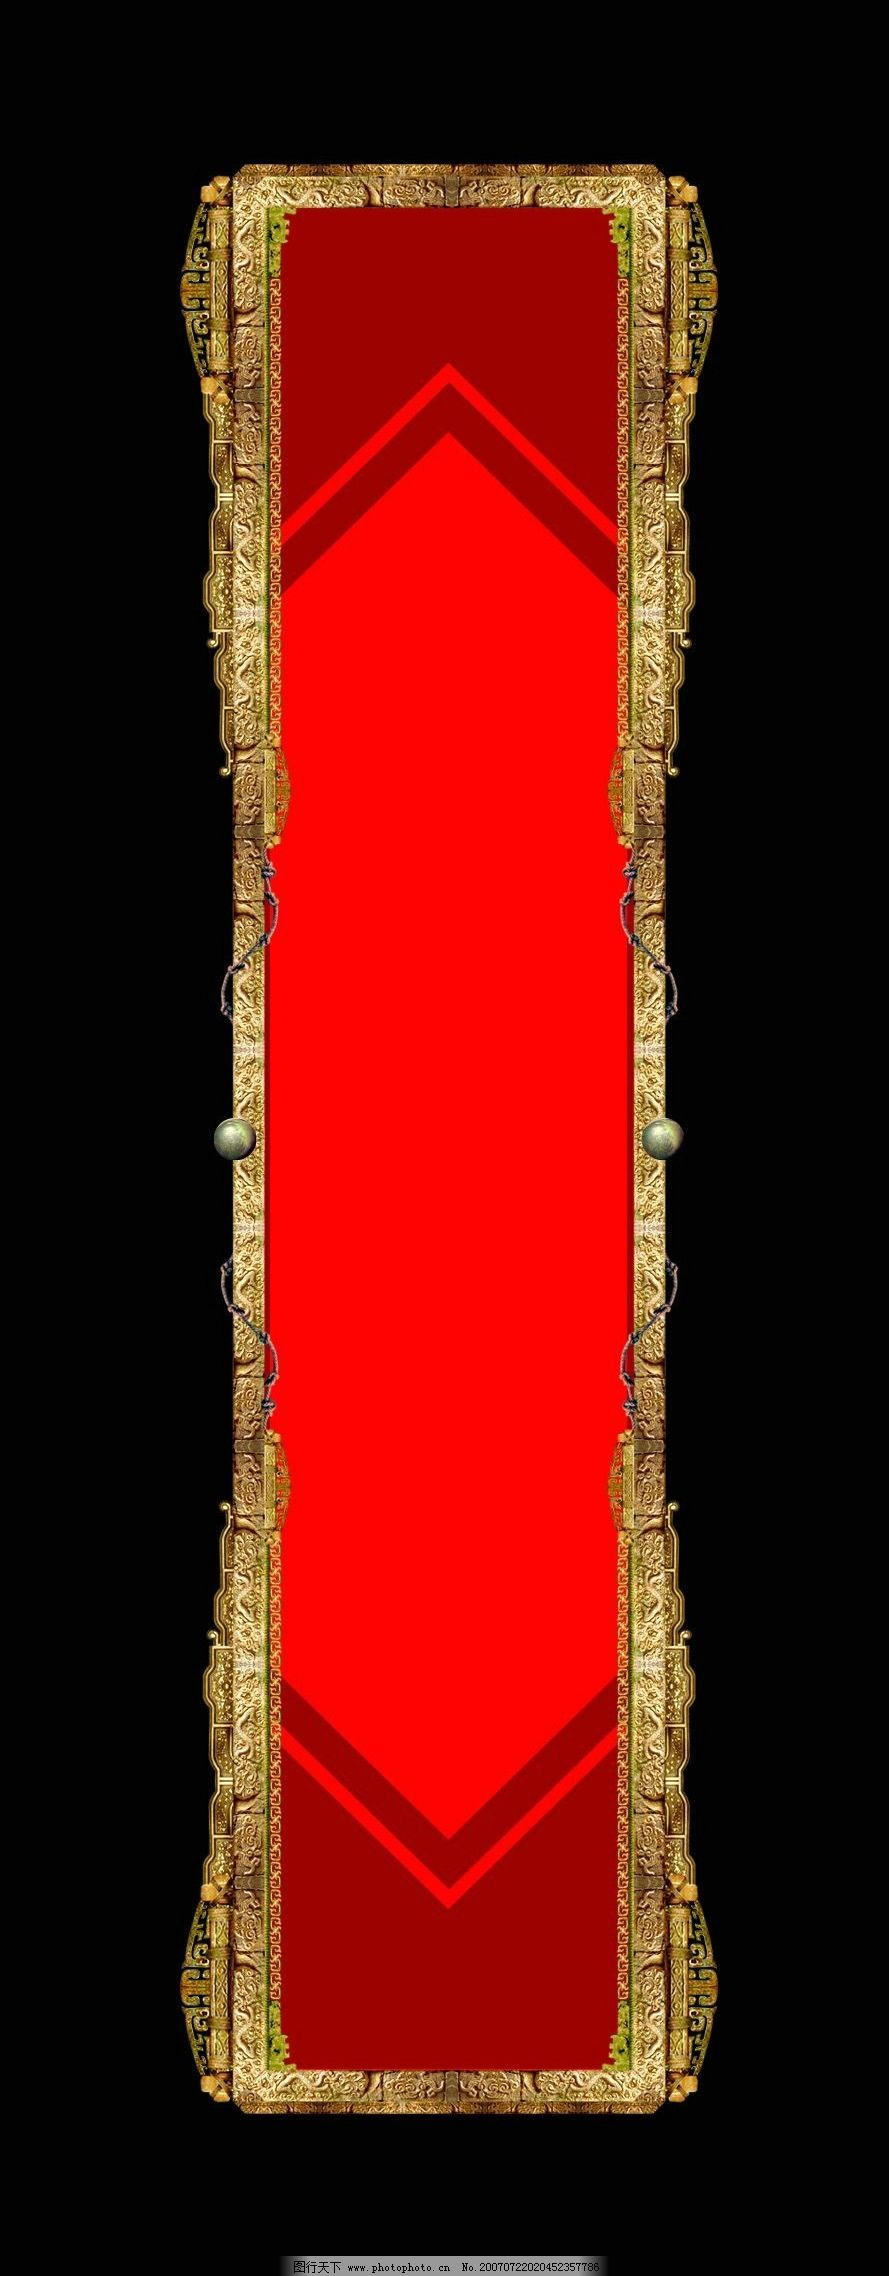 古典牌匾 ps边框 古典边框 边框 边框素材 古边框图片 设计图 底纹